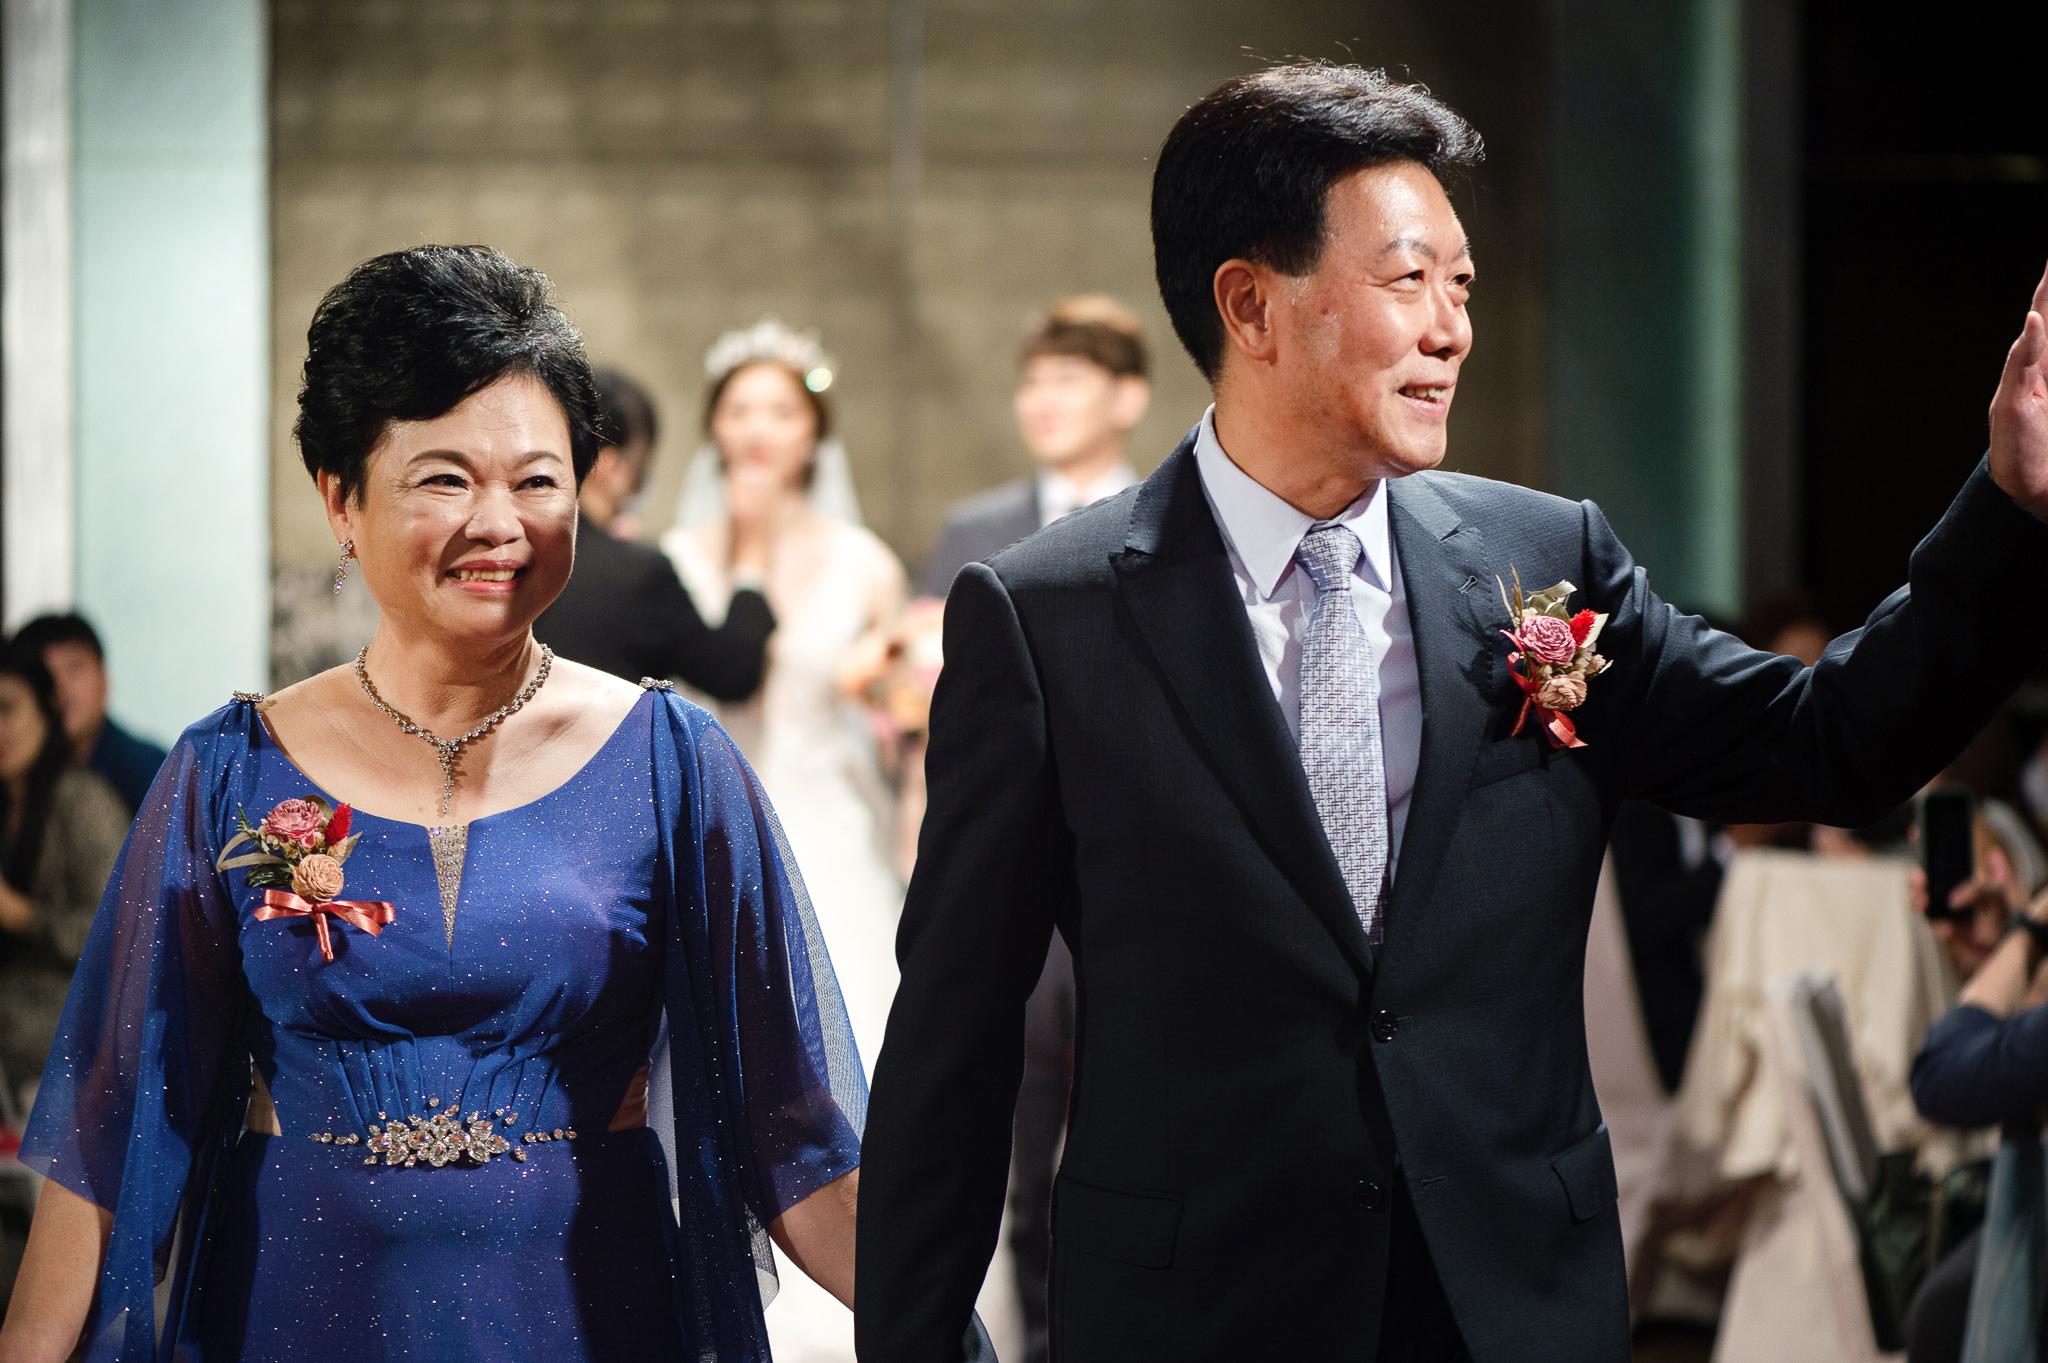 婚禮紀錄 婚攝小亮 推薦婚攝 台北婚攝 ptt推薦 台北君悅酒店 君悅婚攝 EASTERN WEDDING